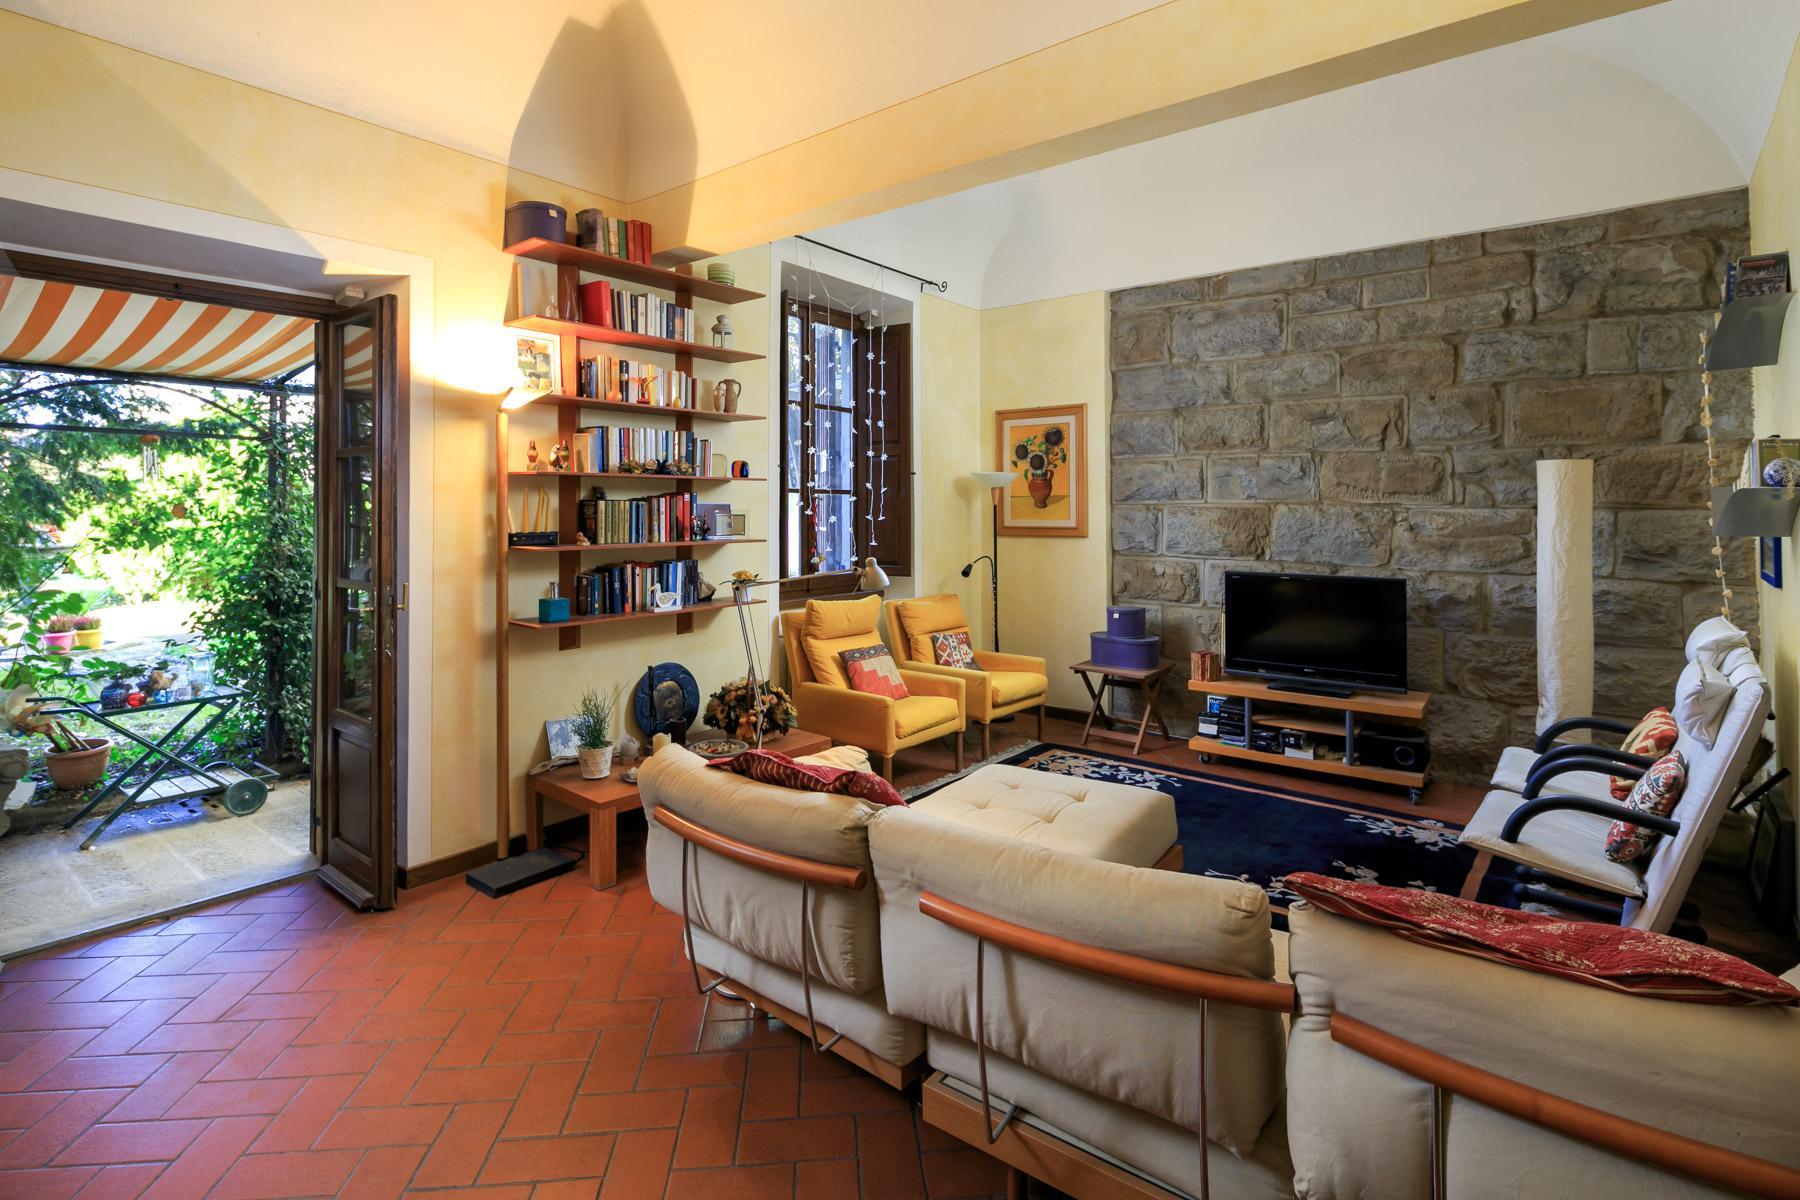 Palazzo Rinascimentale in Vendita a pochi passi da Piazza Grande, Arezzo - 6